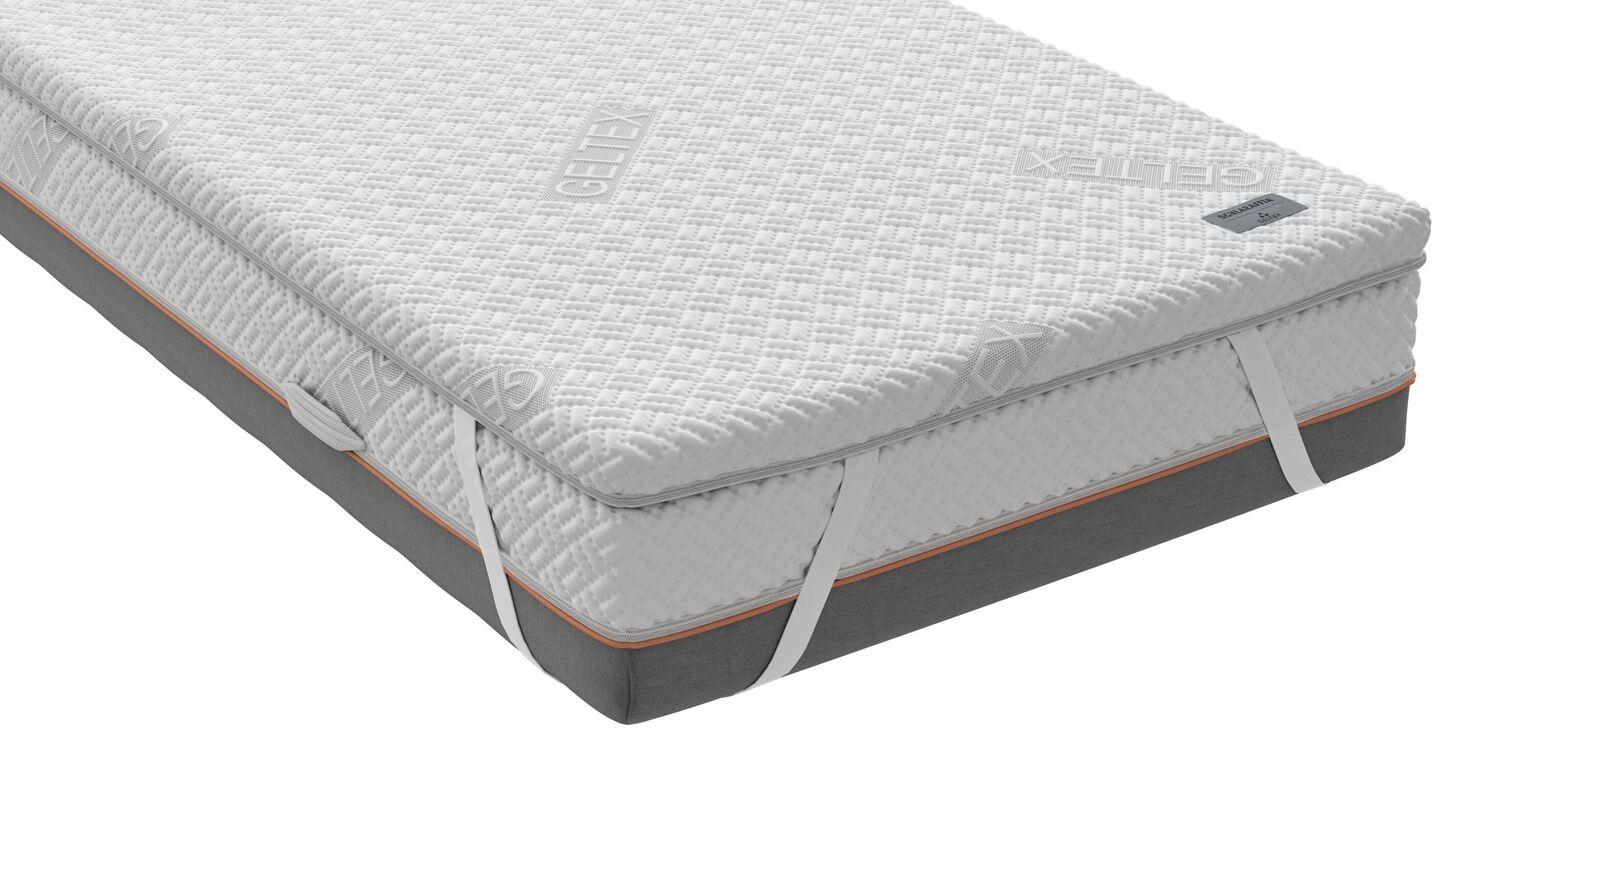 Perfekt sitzender SCHLARAFFIA GELTEX-Topper Roll-n-Sleep